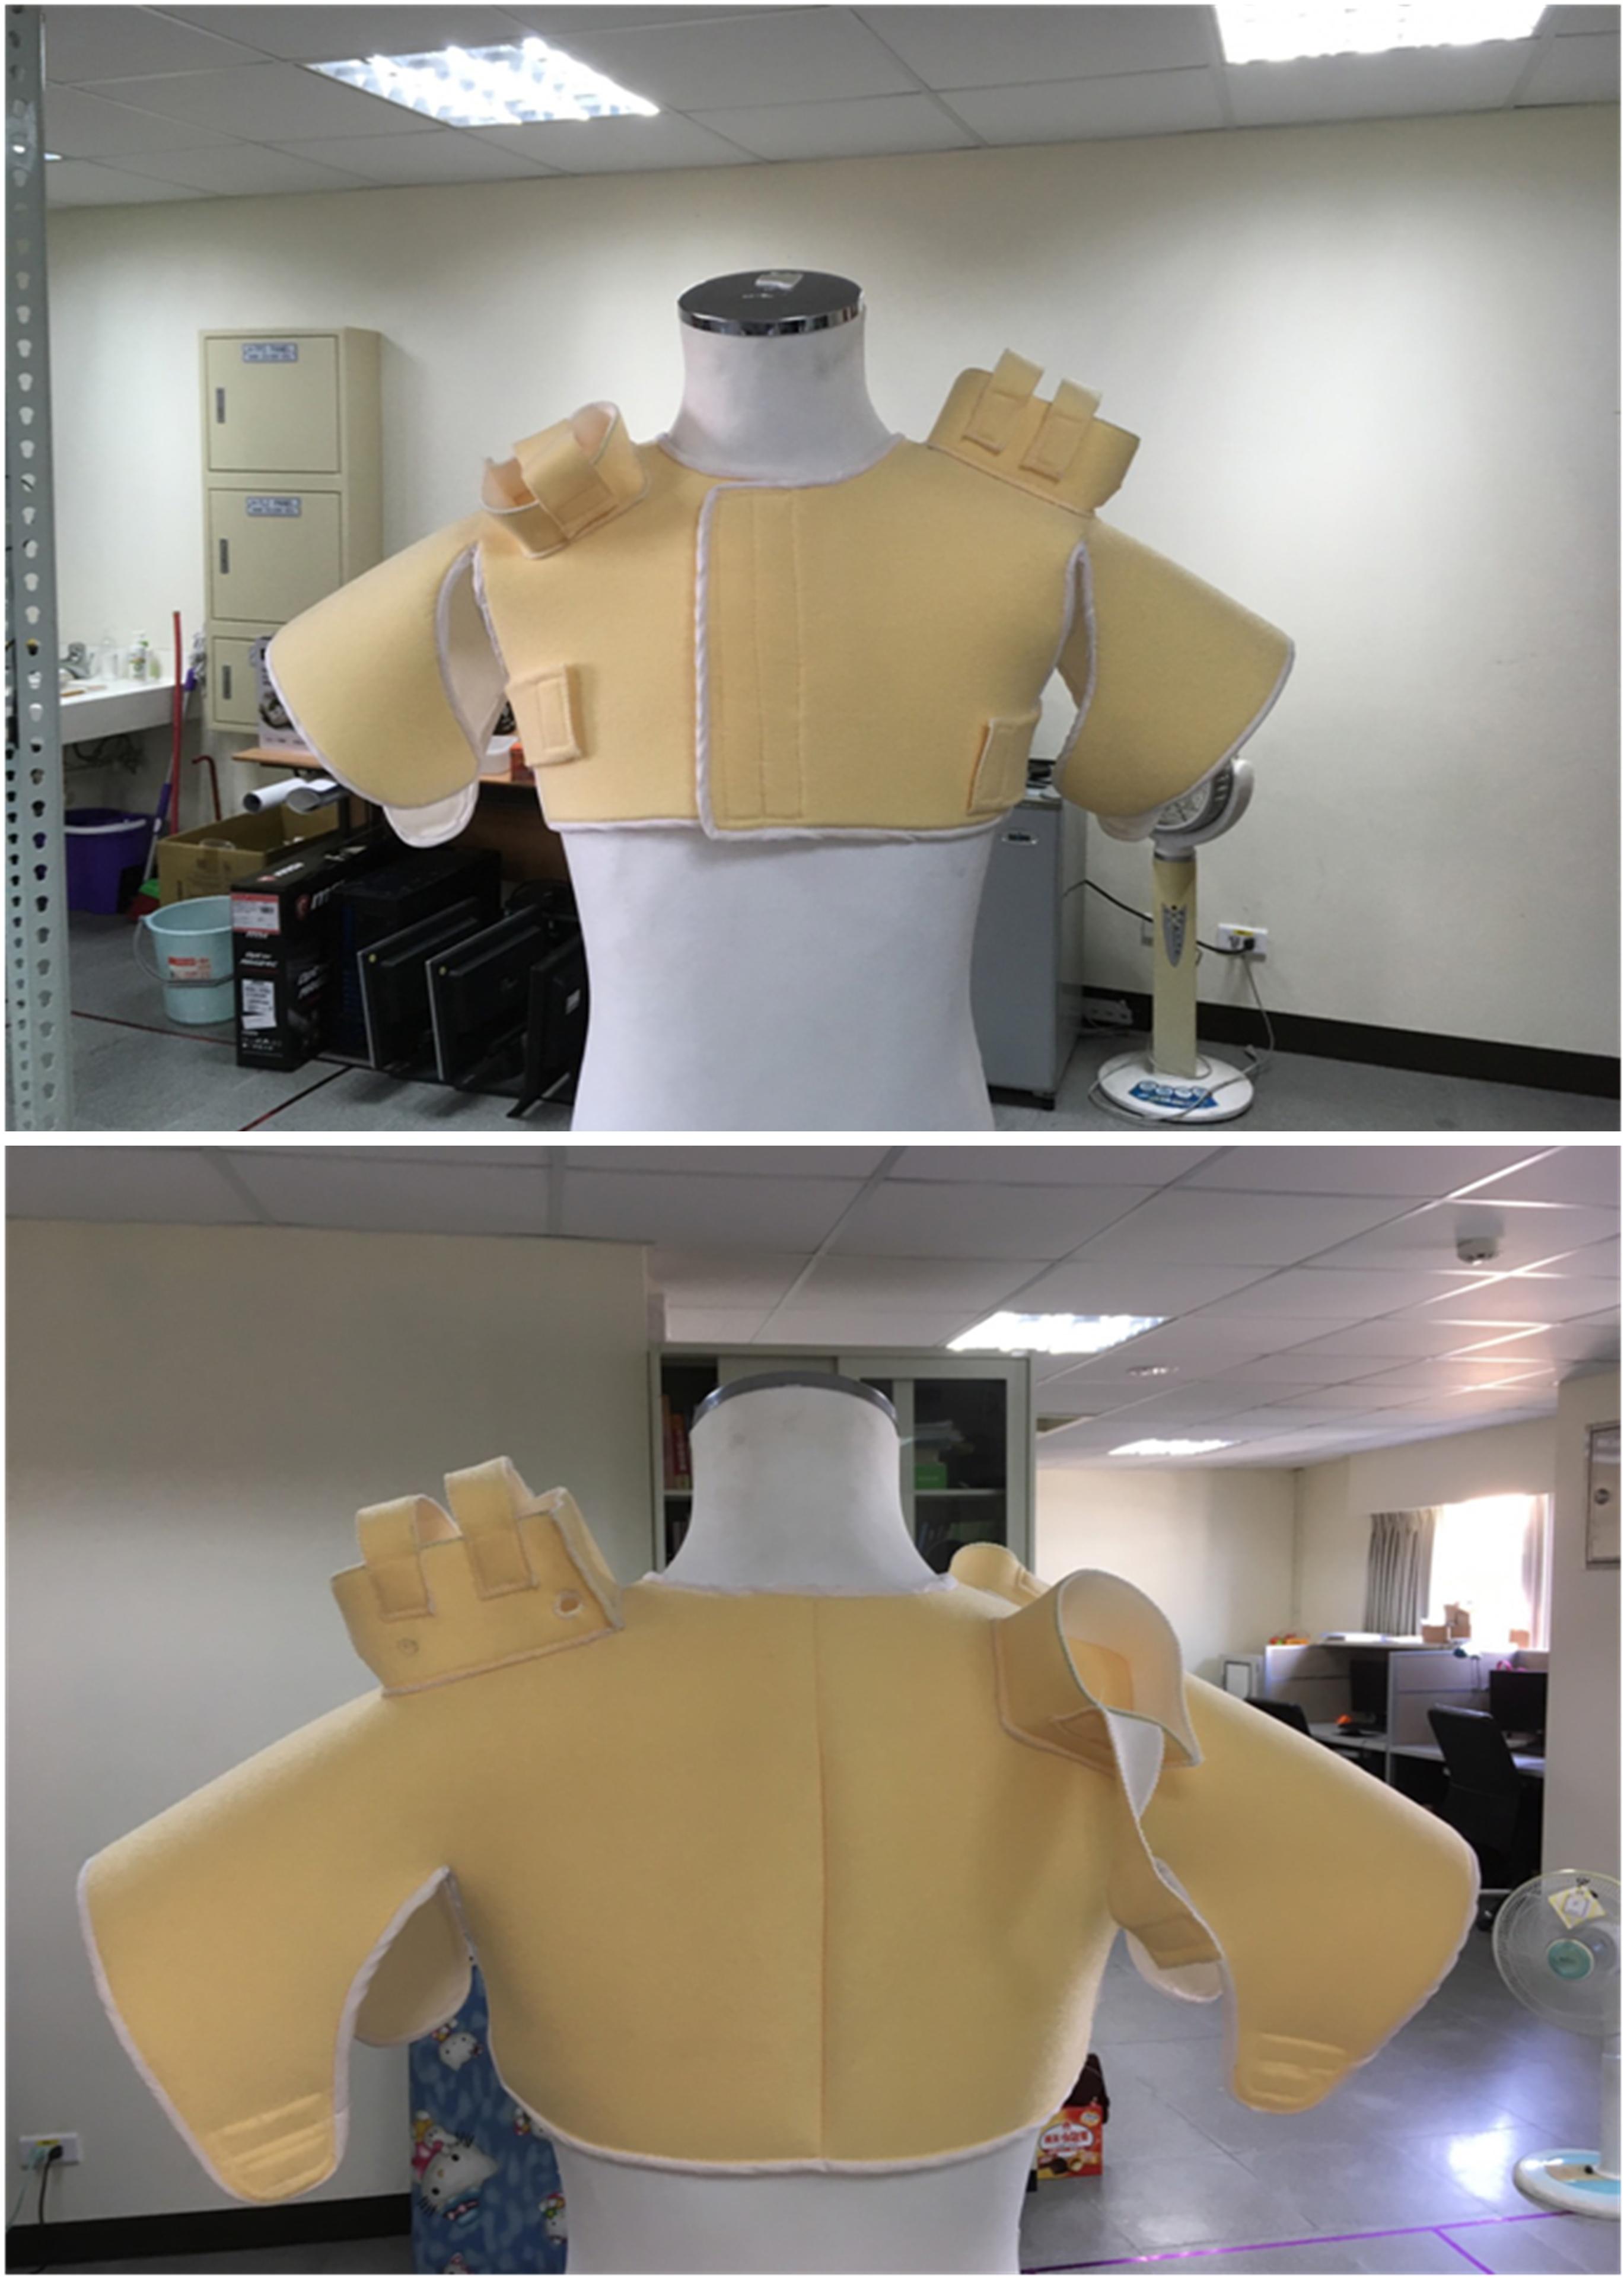 於實驗室針對背負單元的結構與穿戴步驟作測試